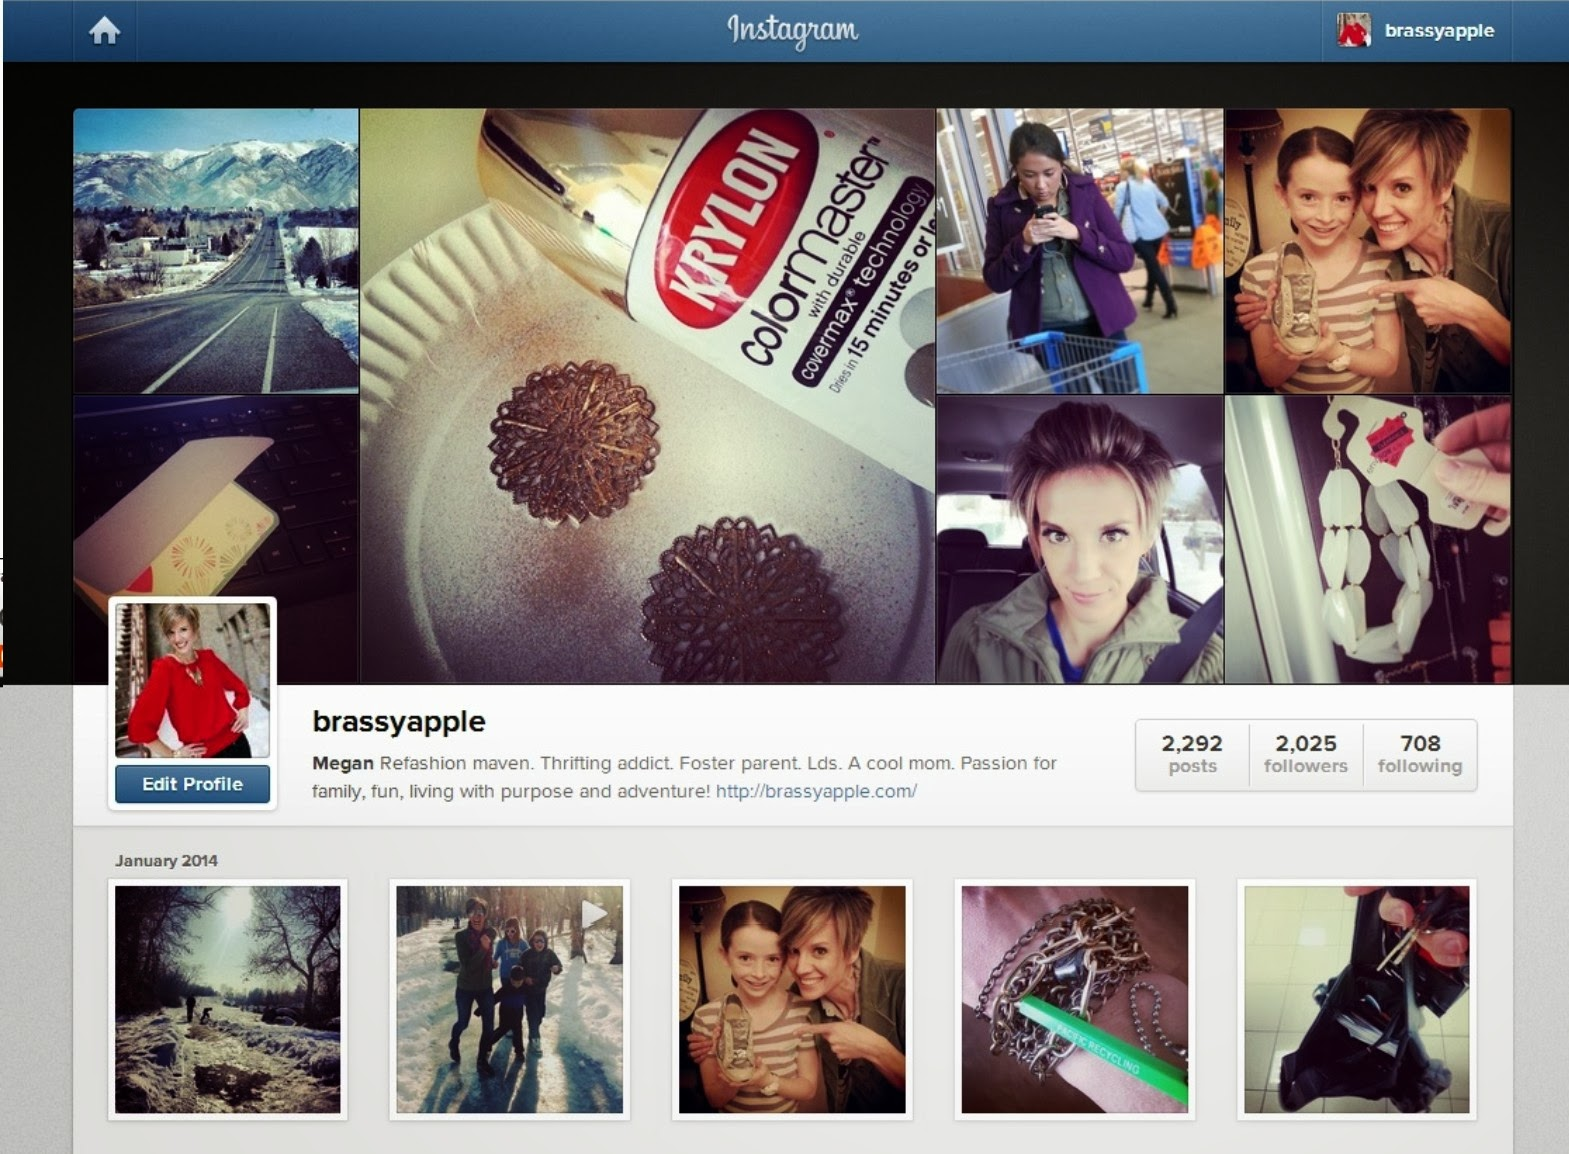 http://1.bp.blogspot.com/-zrfkOaW9w1Y/UtySp6burwI/AAAAAAAATeg/IbtVwxmn2SM/s1600/instagram.jpg